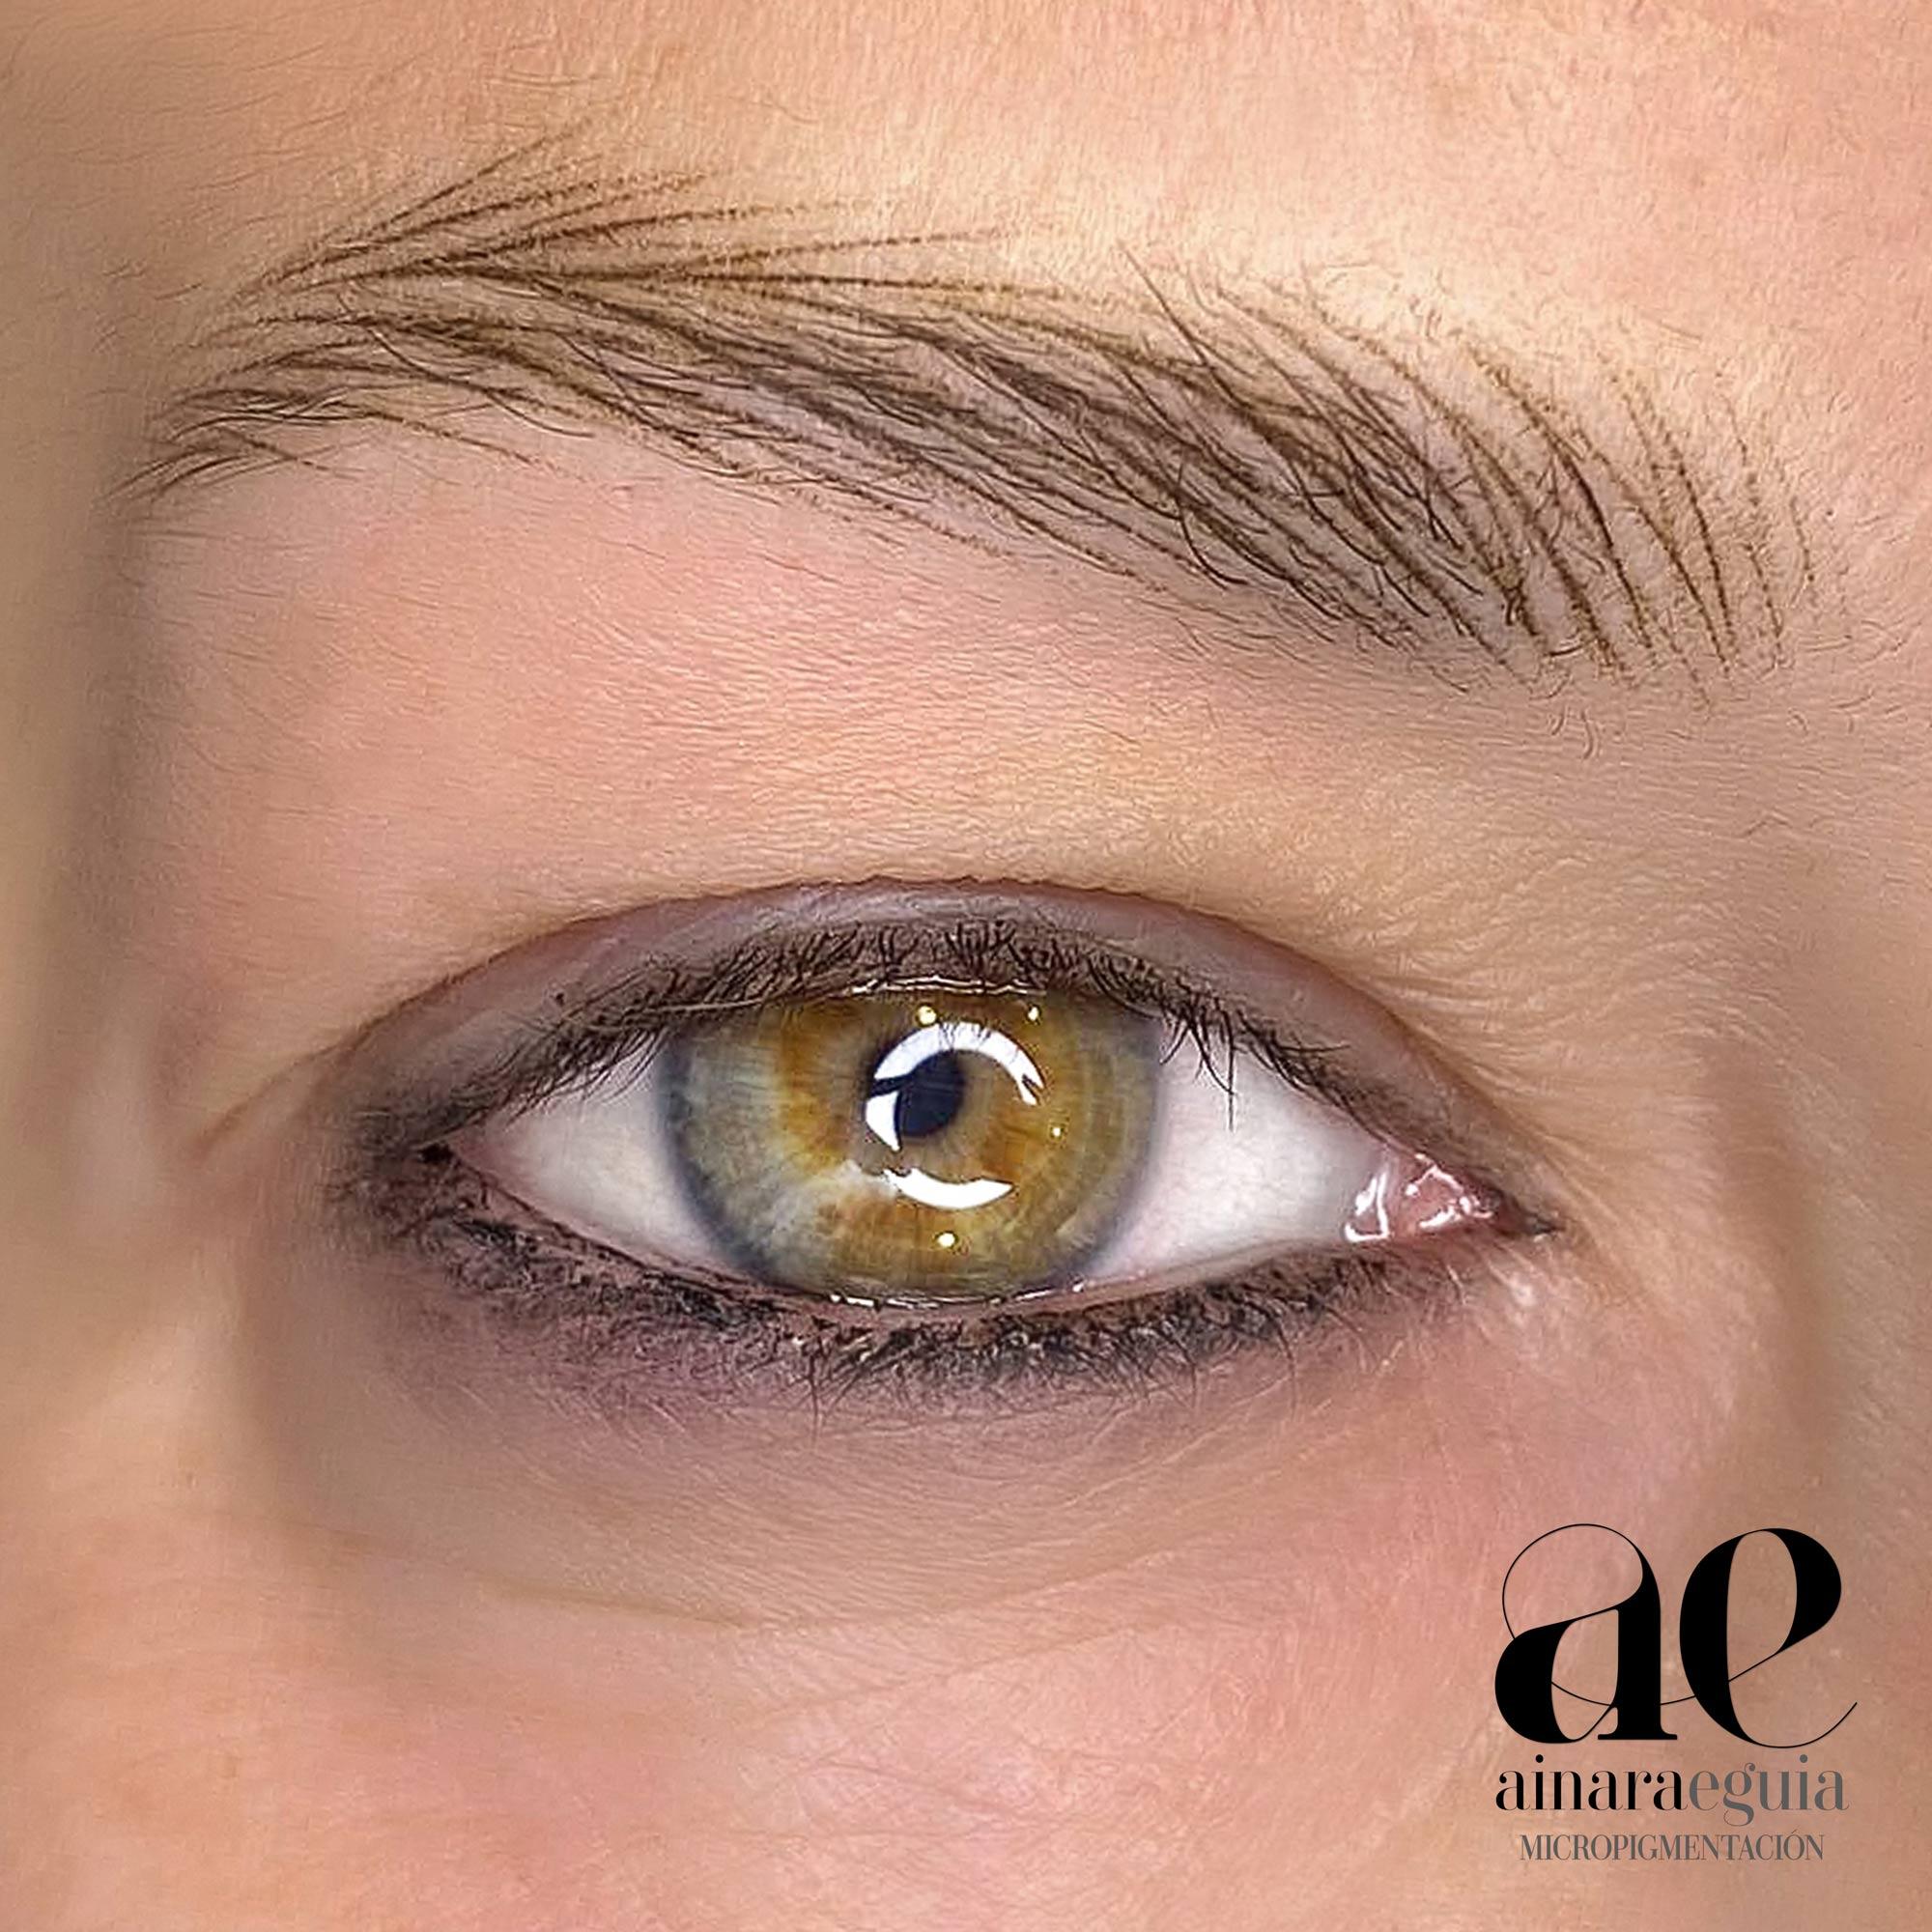 ainara eguia micropigmentacion pelo a pelo microblading cejas ojos labios areolas bilbao vitoria lekeitio madrid